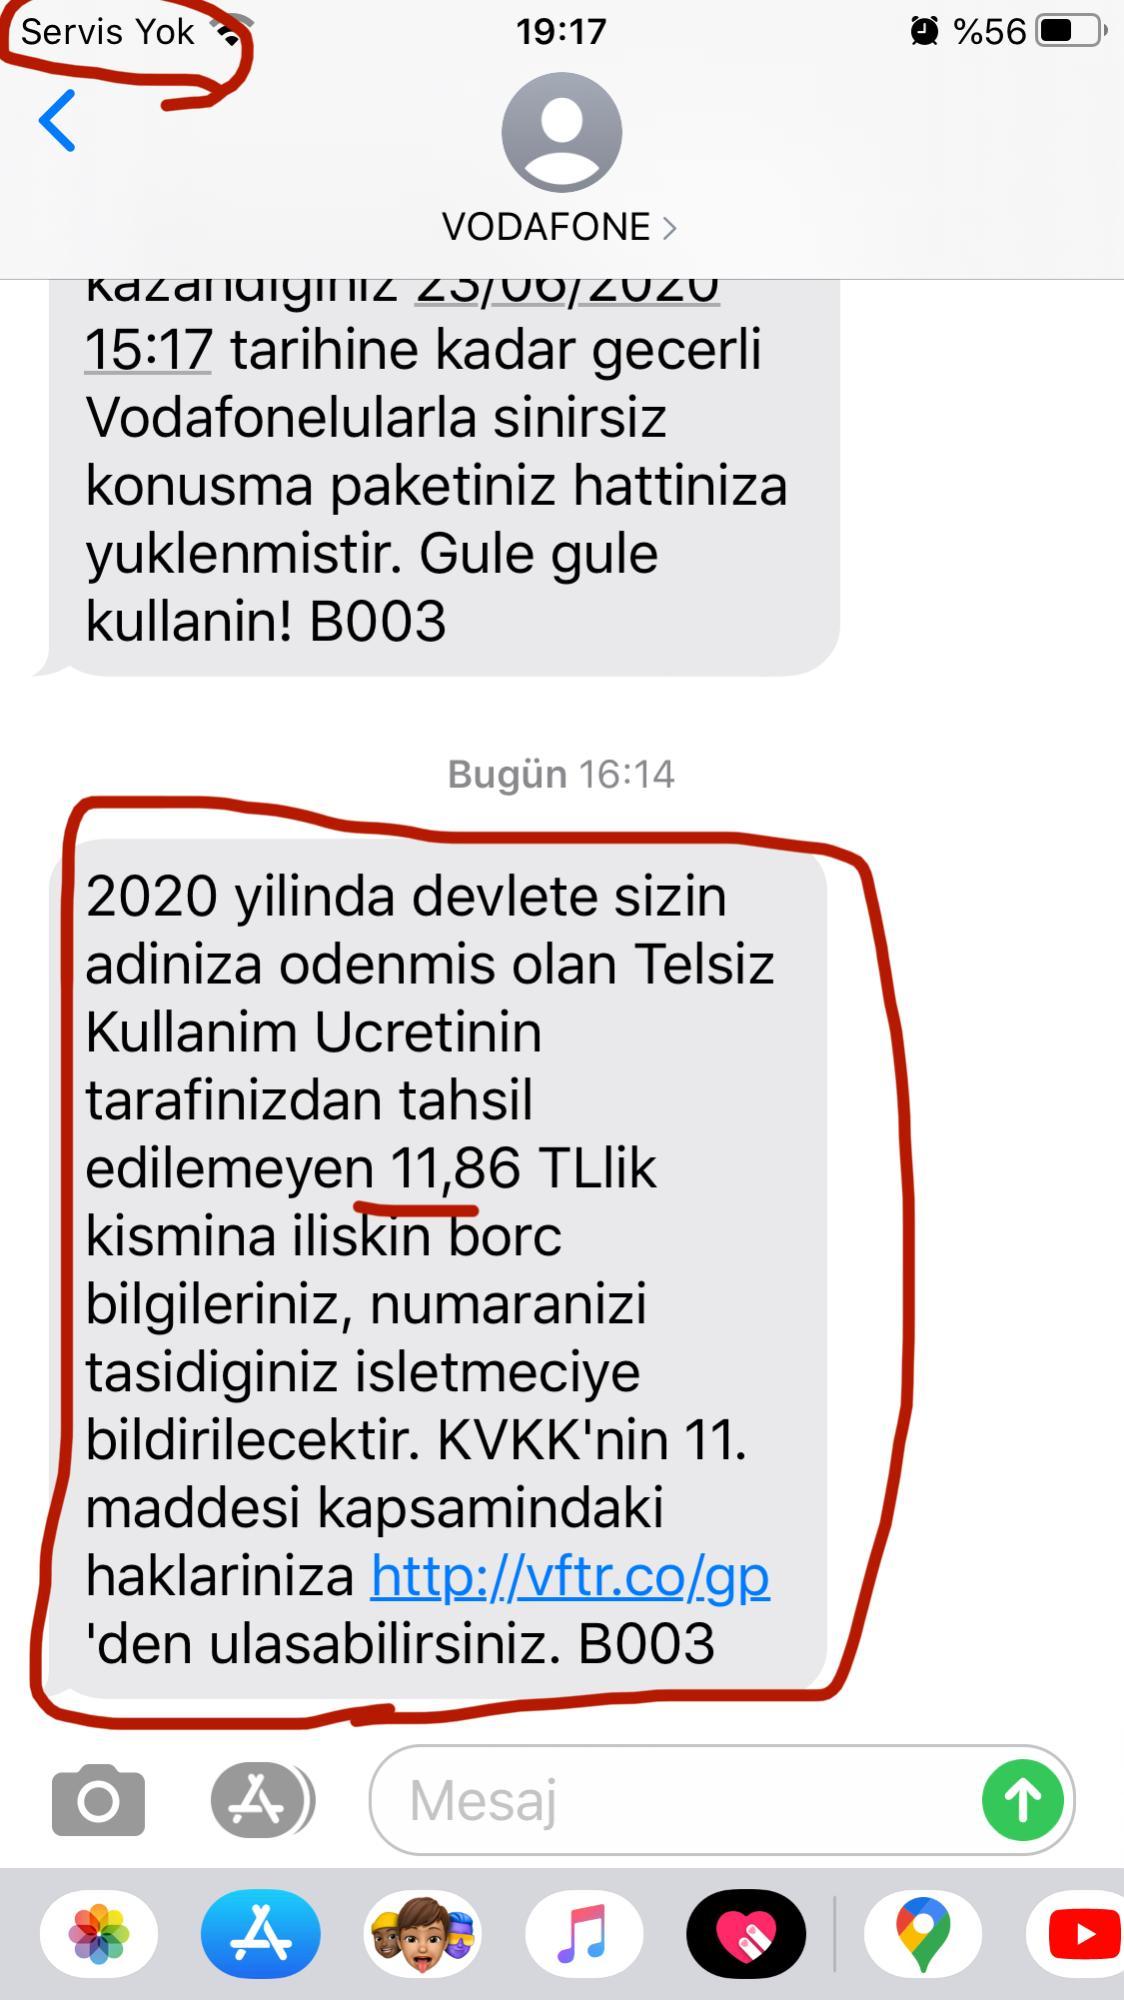 Vodafone Borç ve Telsiz Kullanım Ücreti Şikayetleri - Şikayetvar